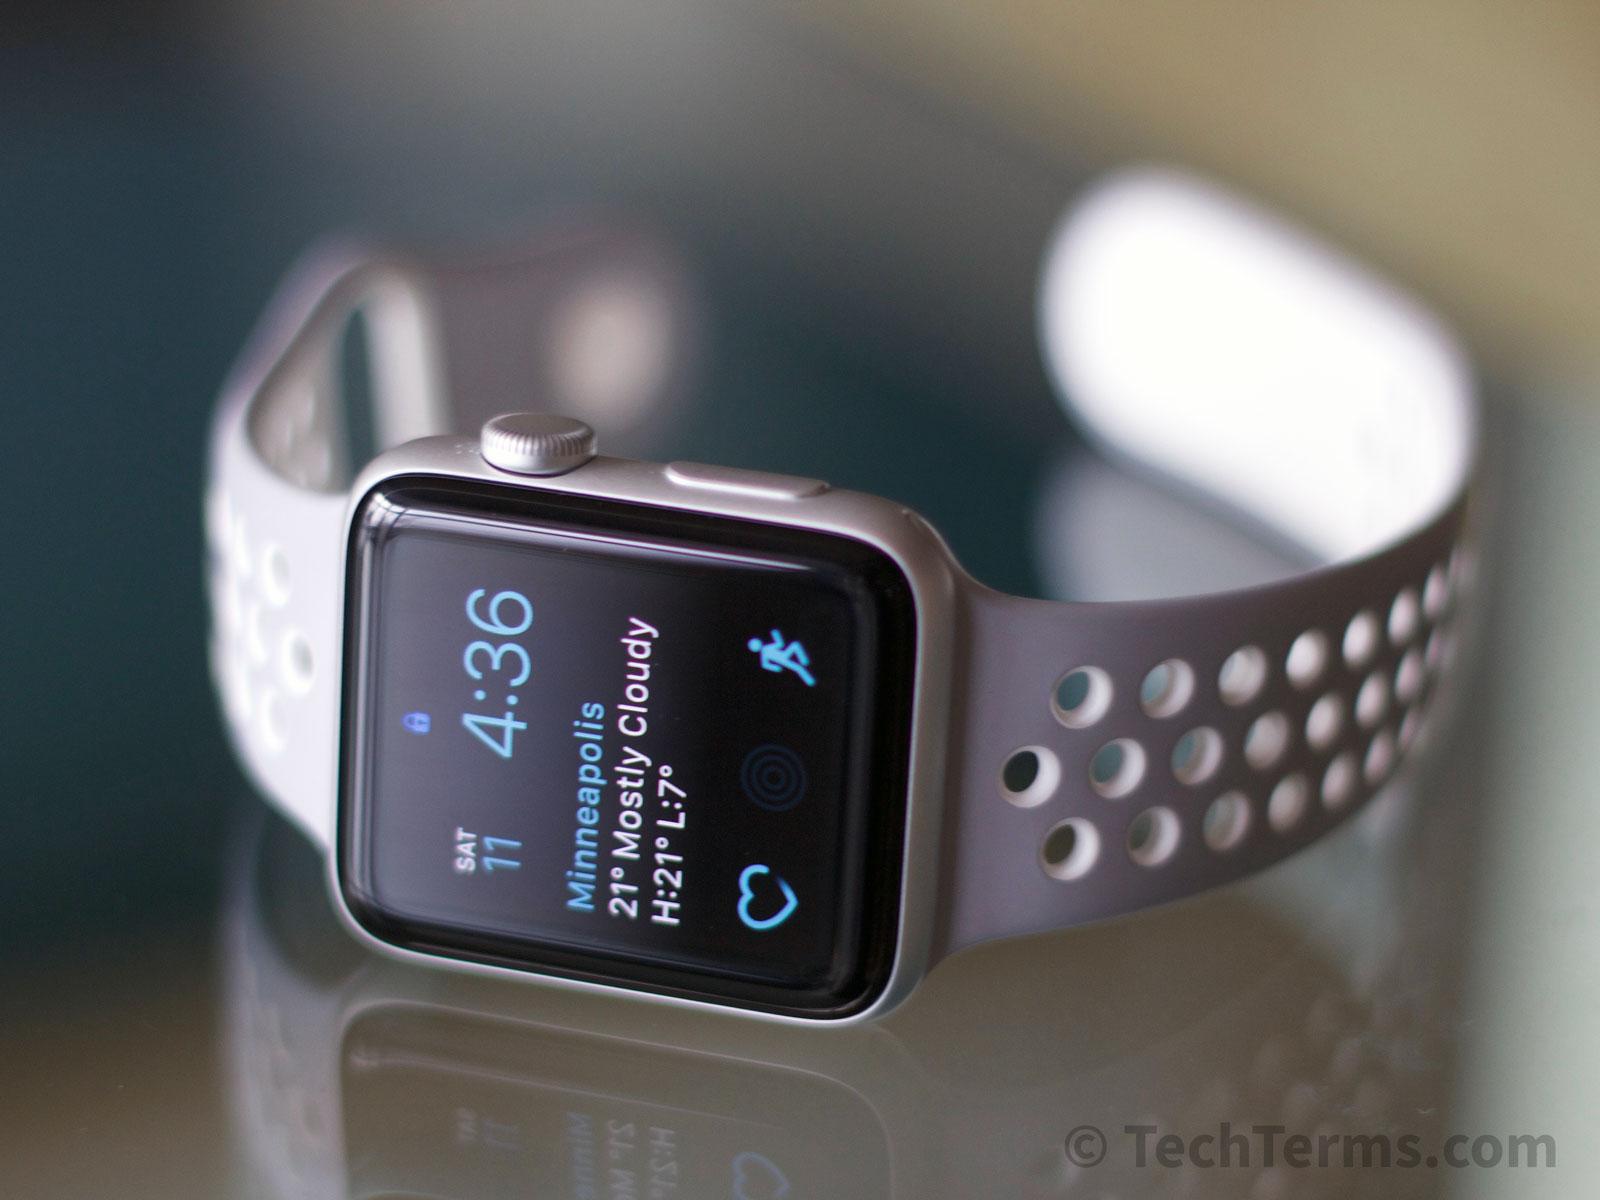 Smartwatch Definition